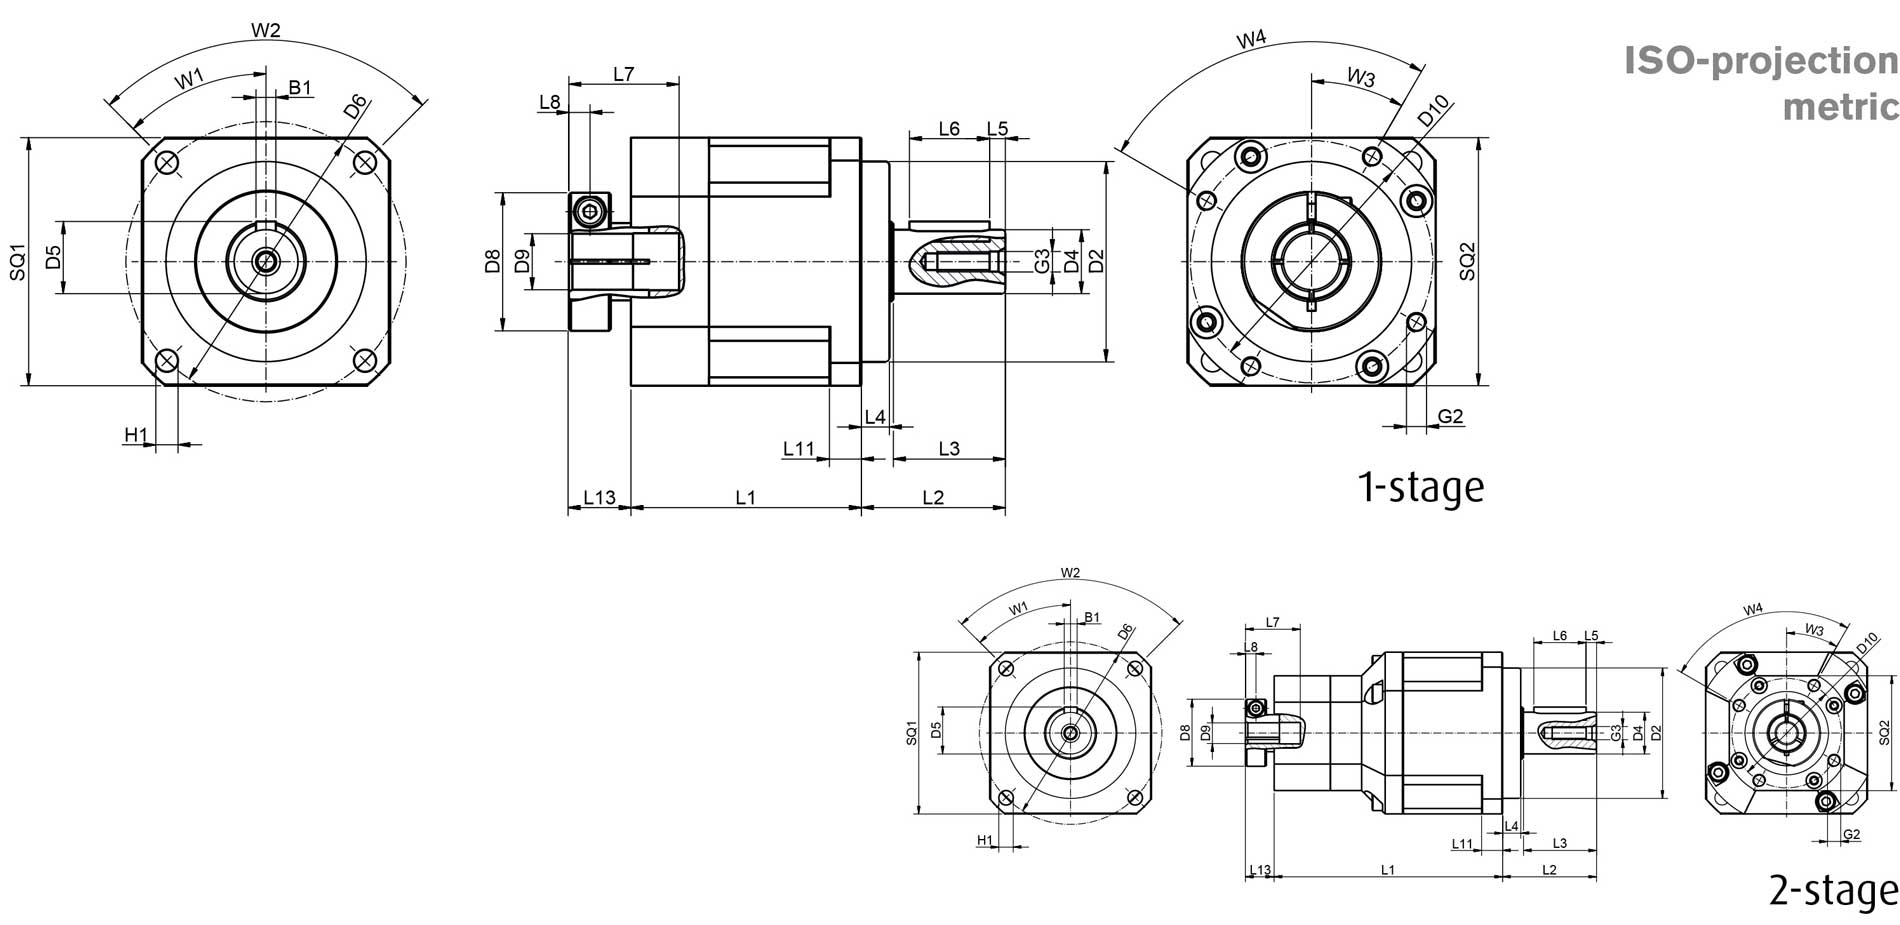 Planetary gear GSB dimensions